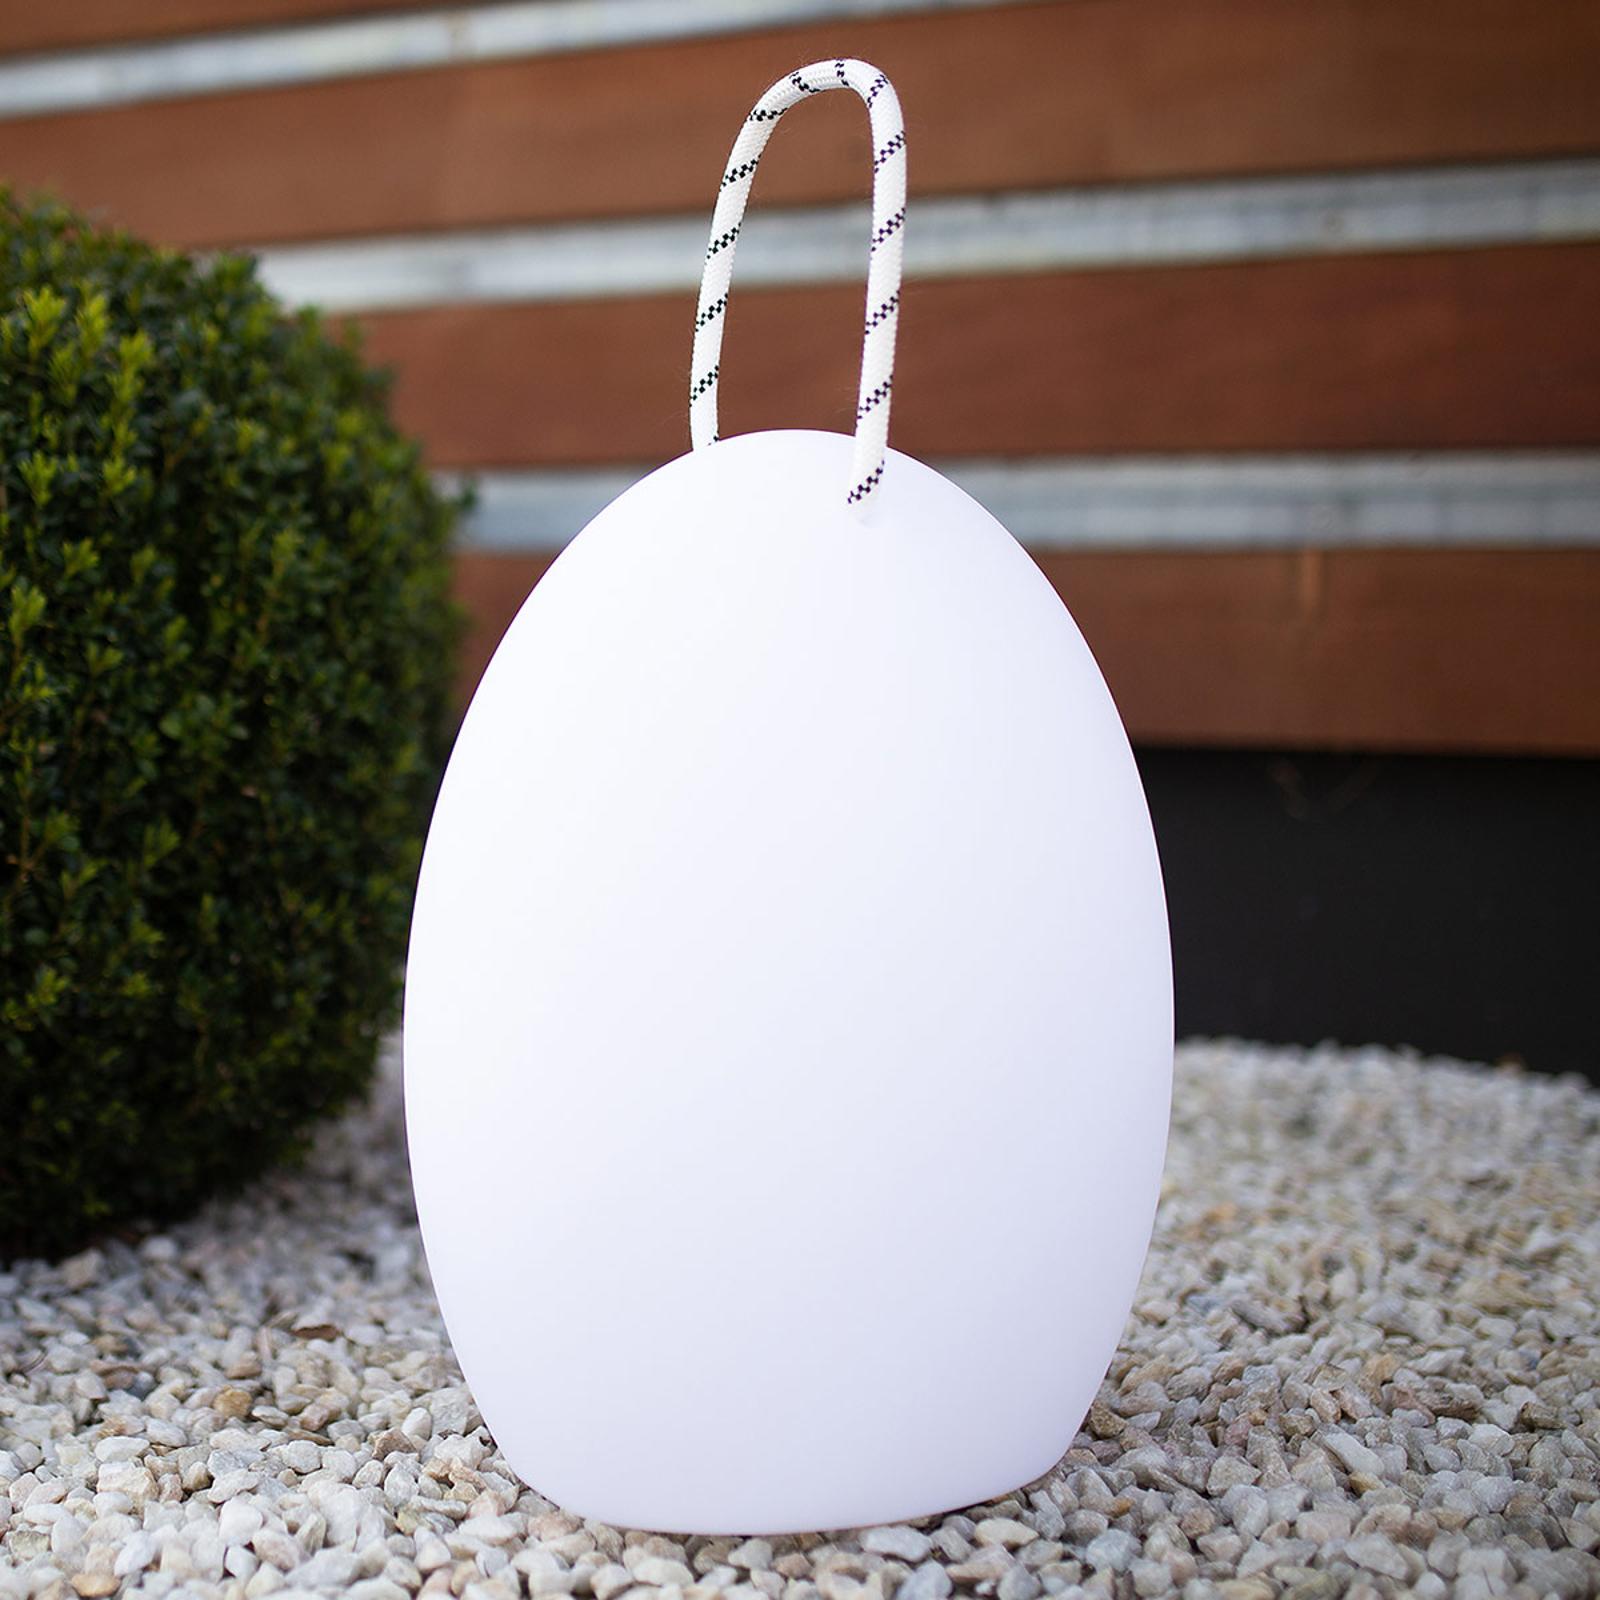 LED-dekorationslampe Amande Cord 395, 39,5 cm